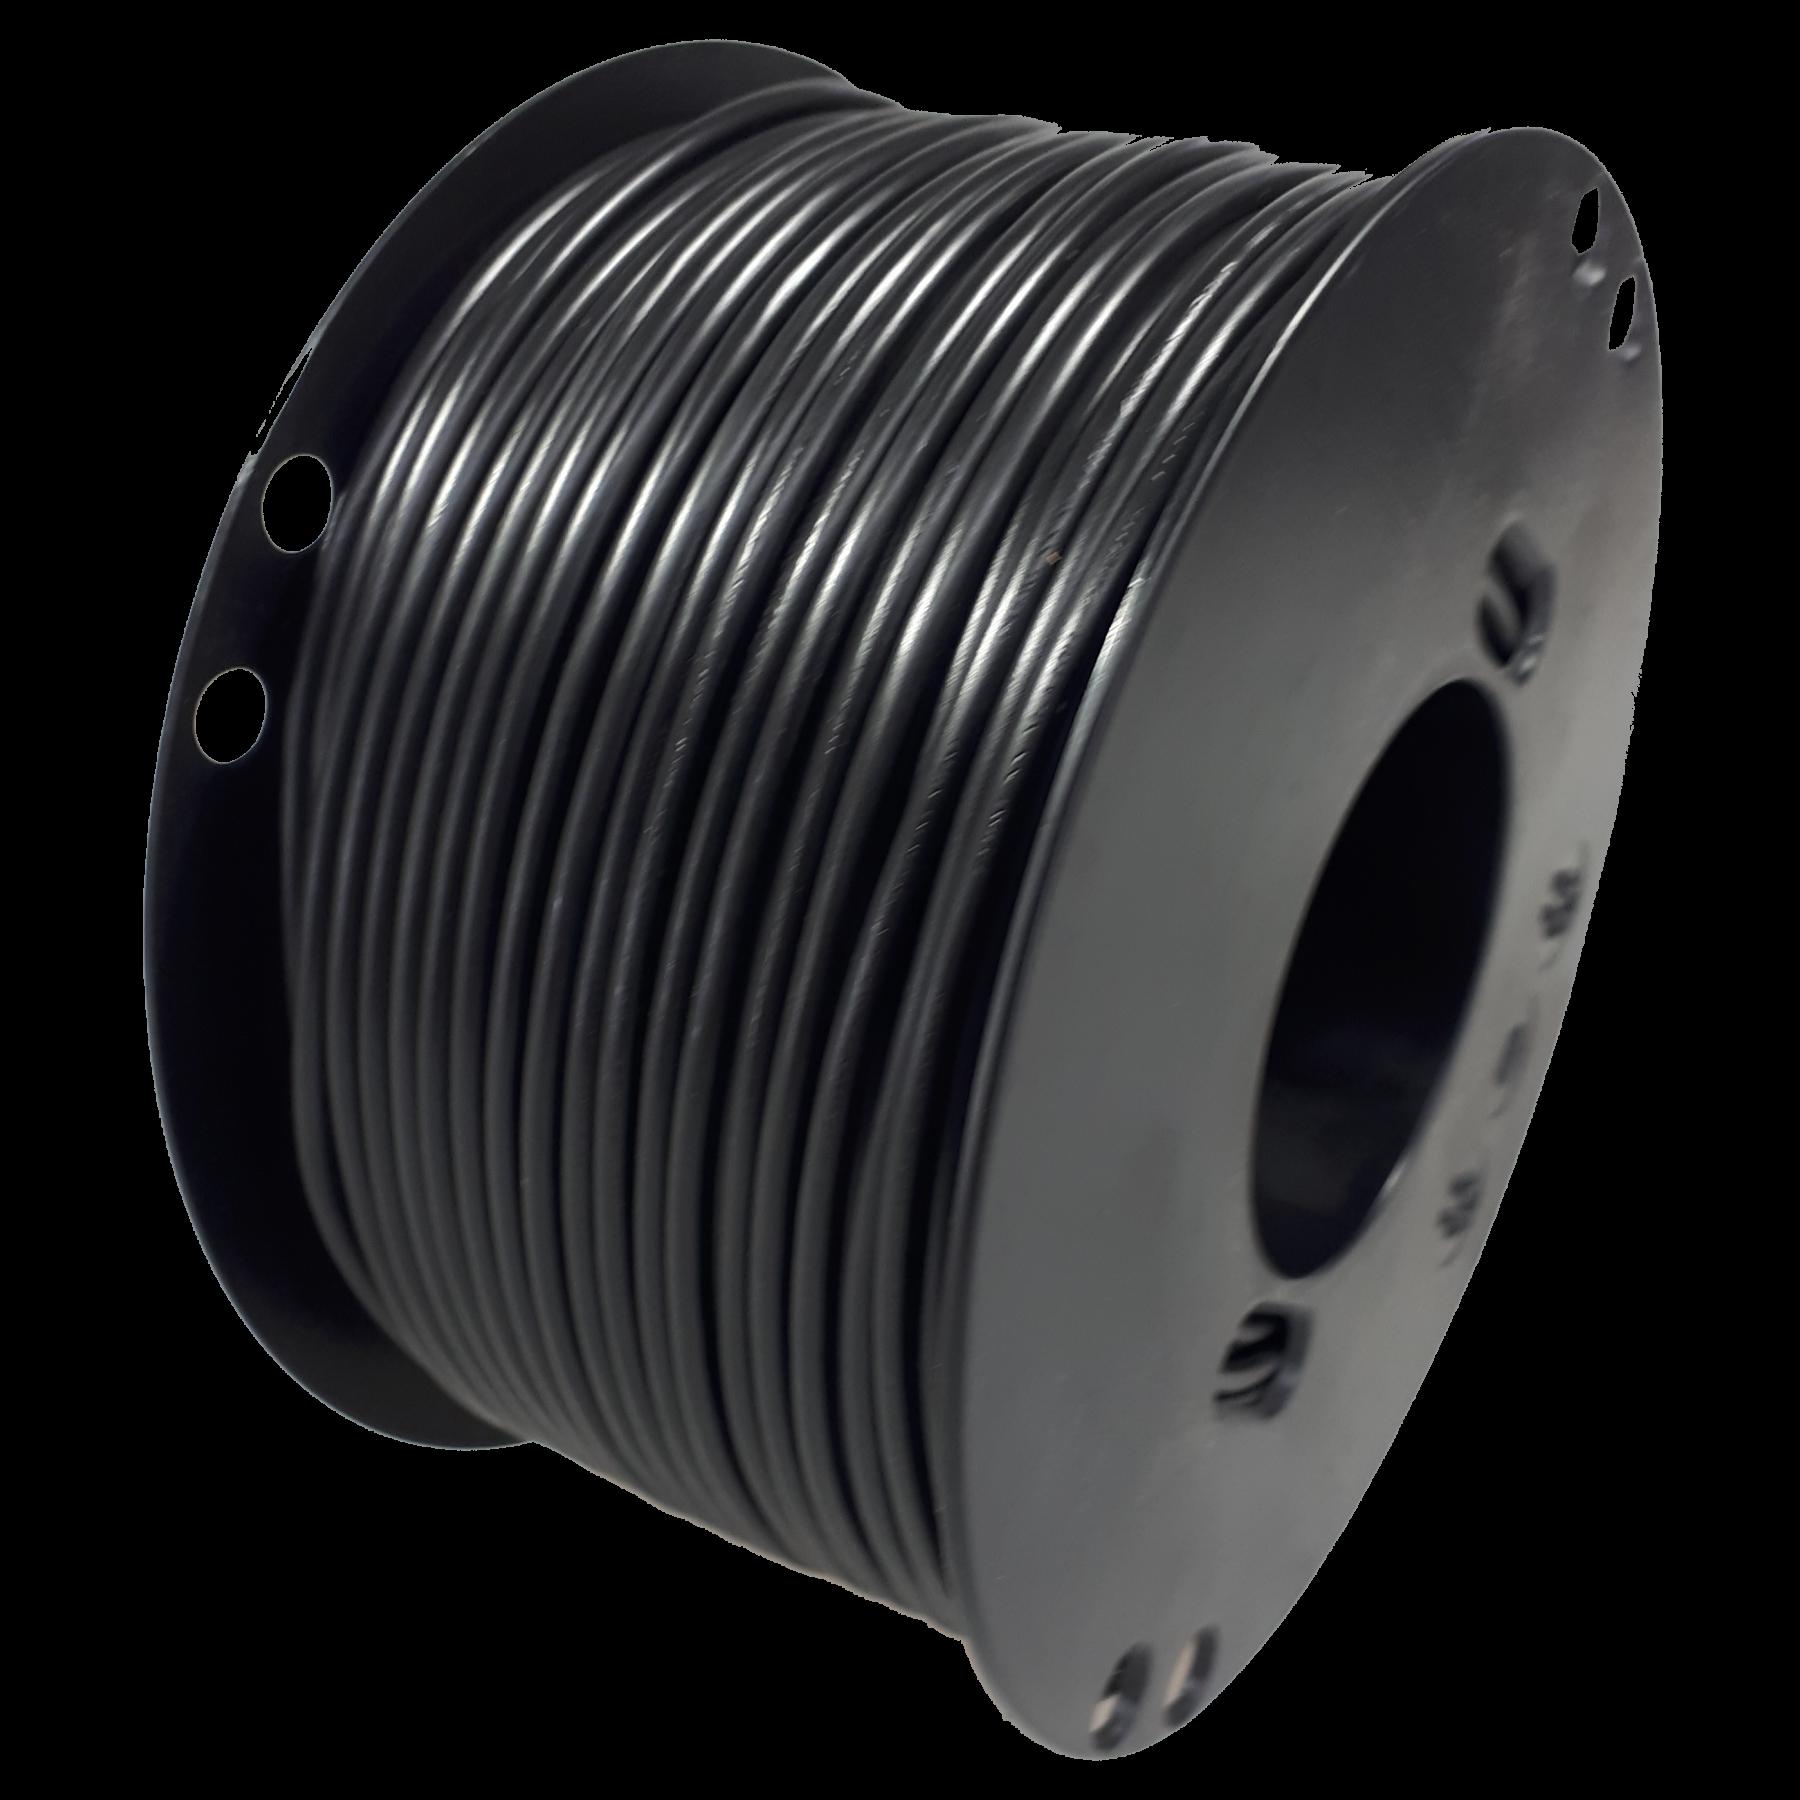 Kabel 2,5 zwart 100m haspel